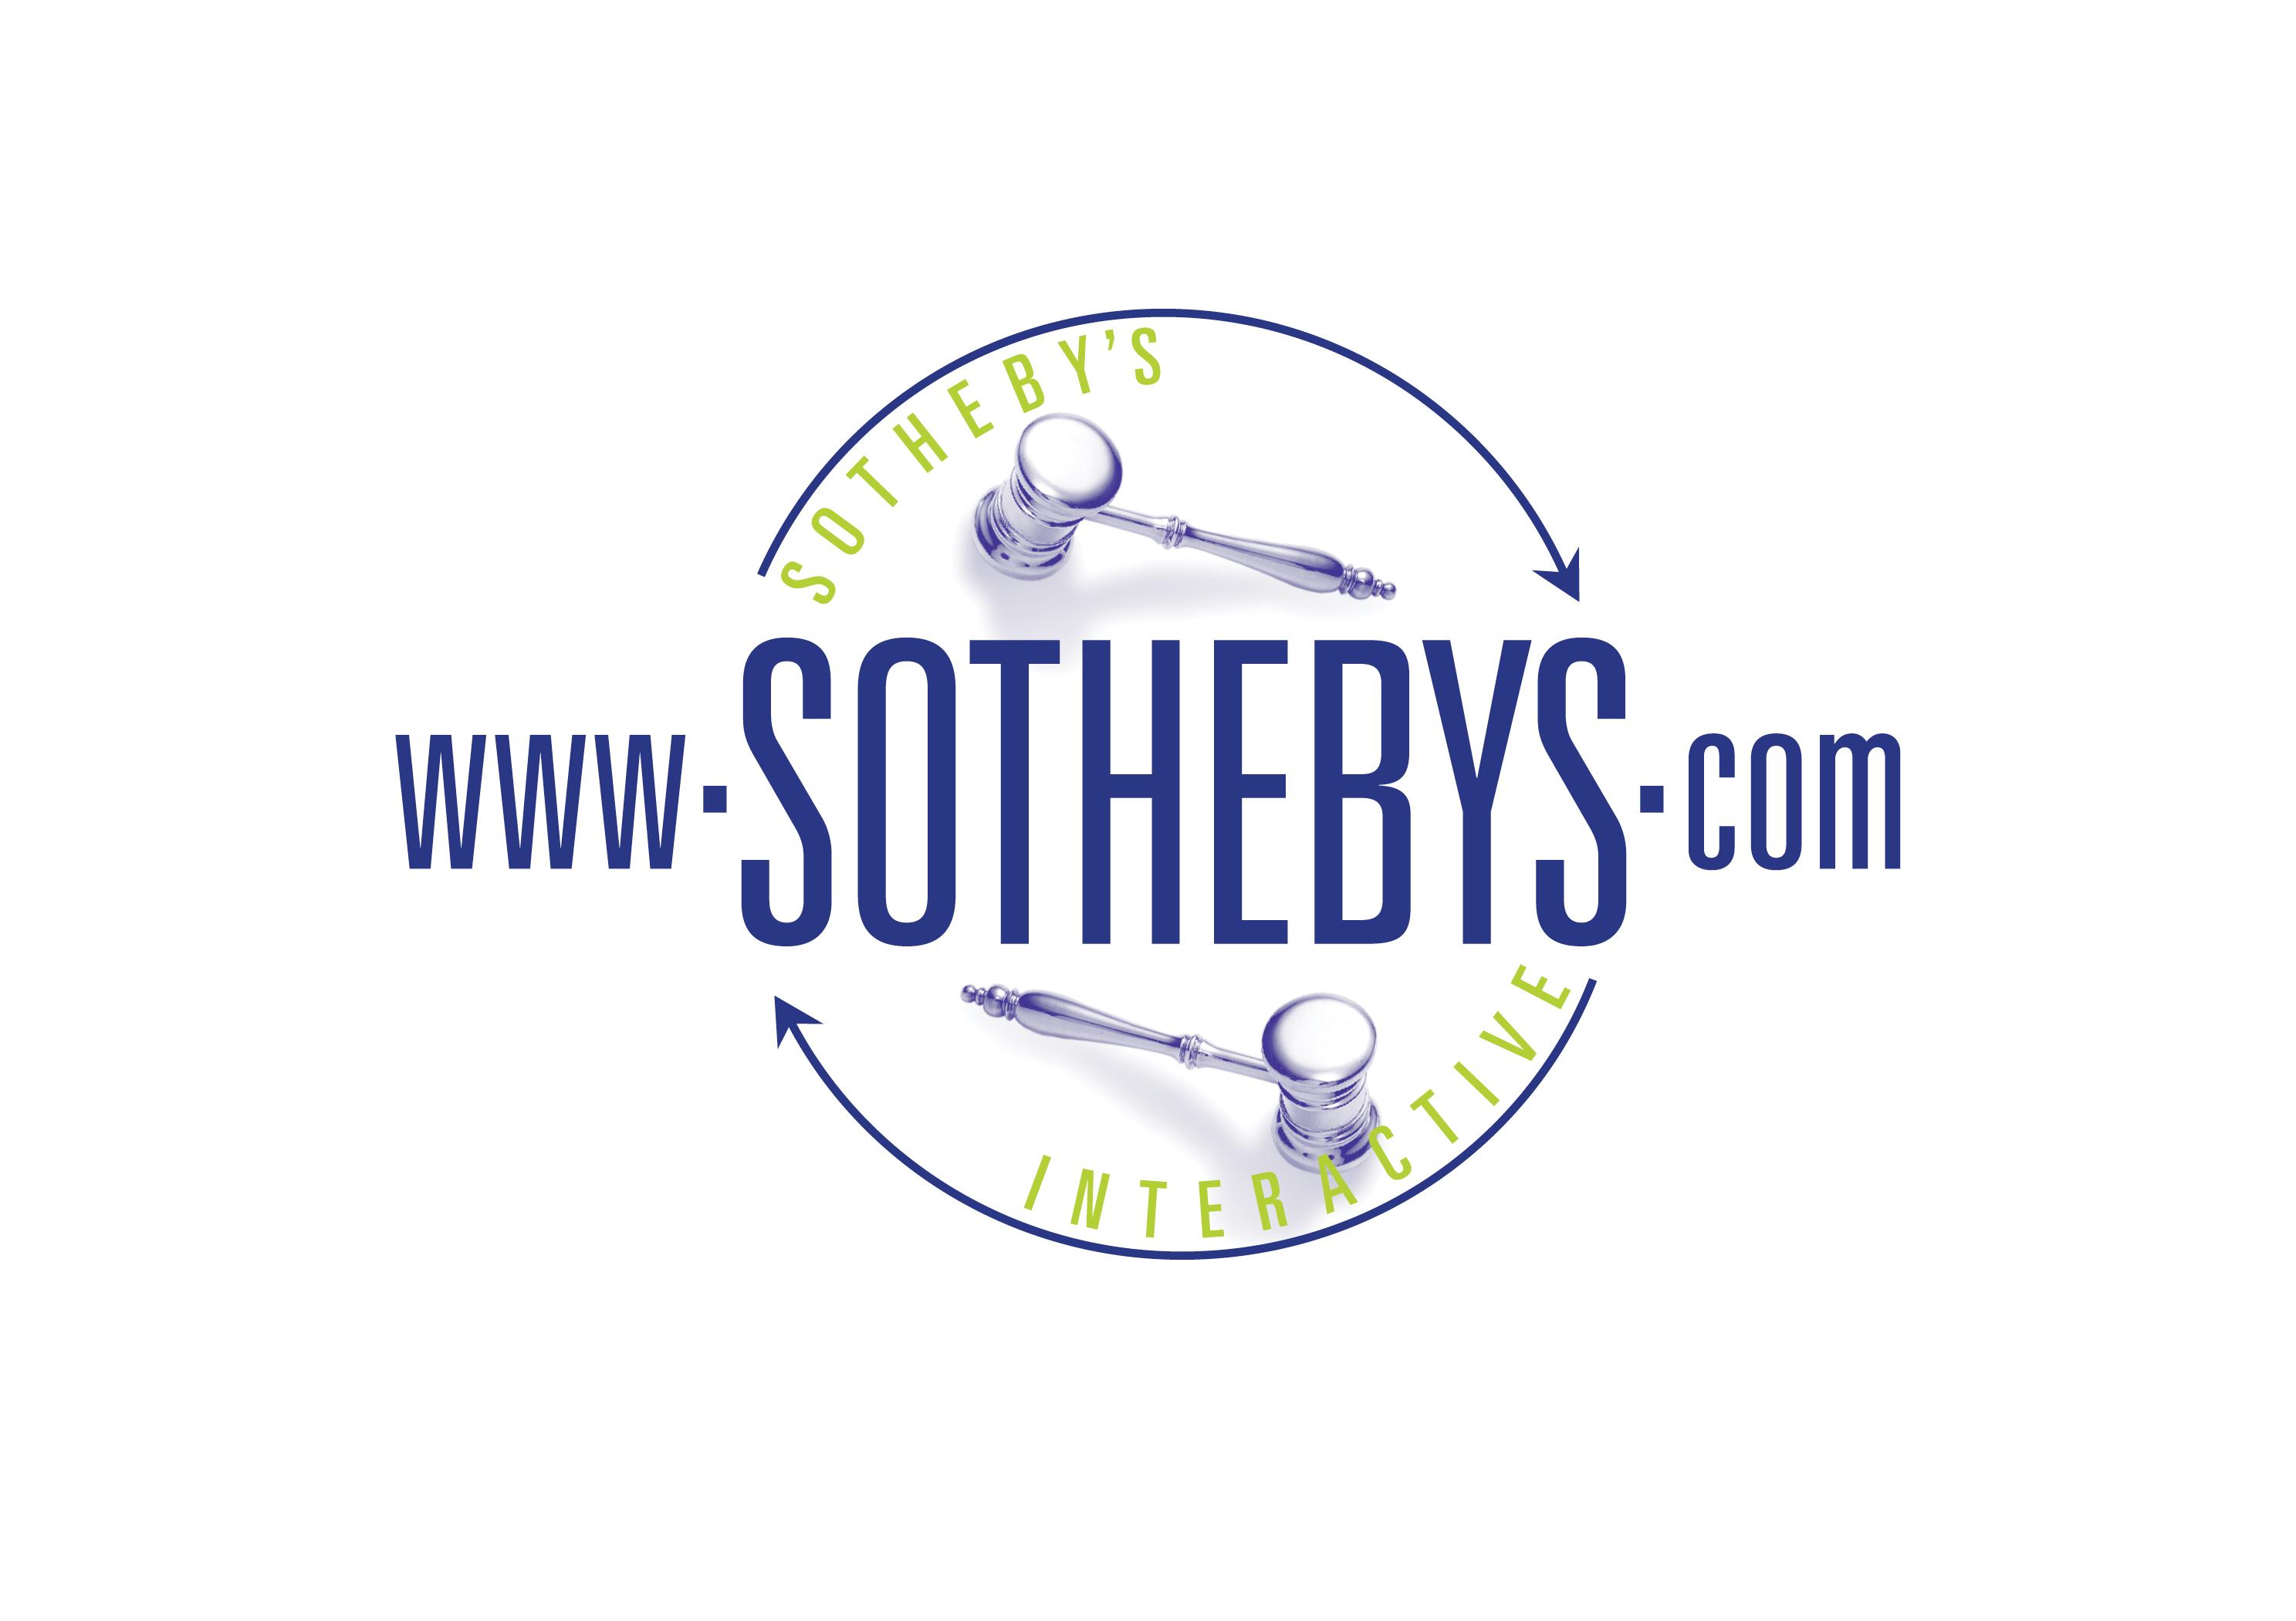 Sothebys.com Brand Identity